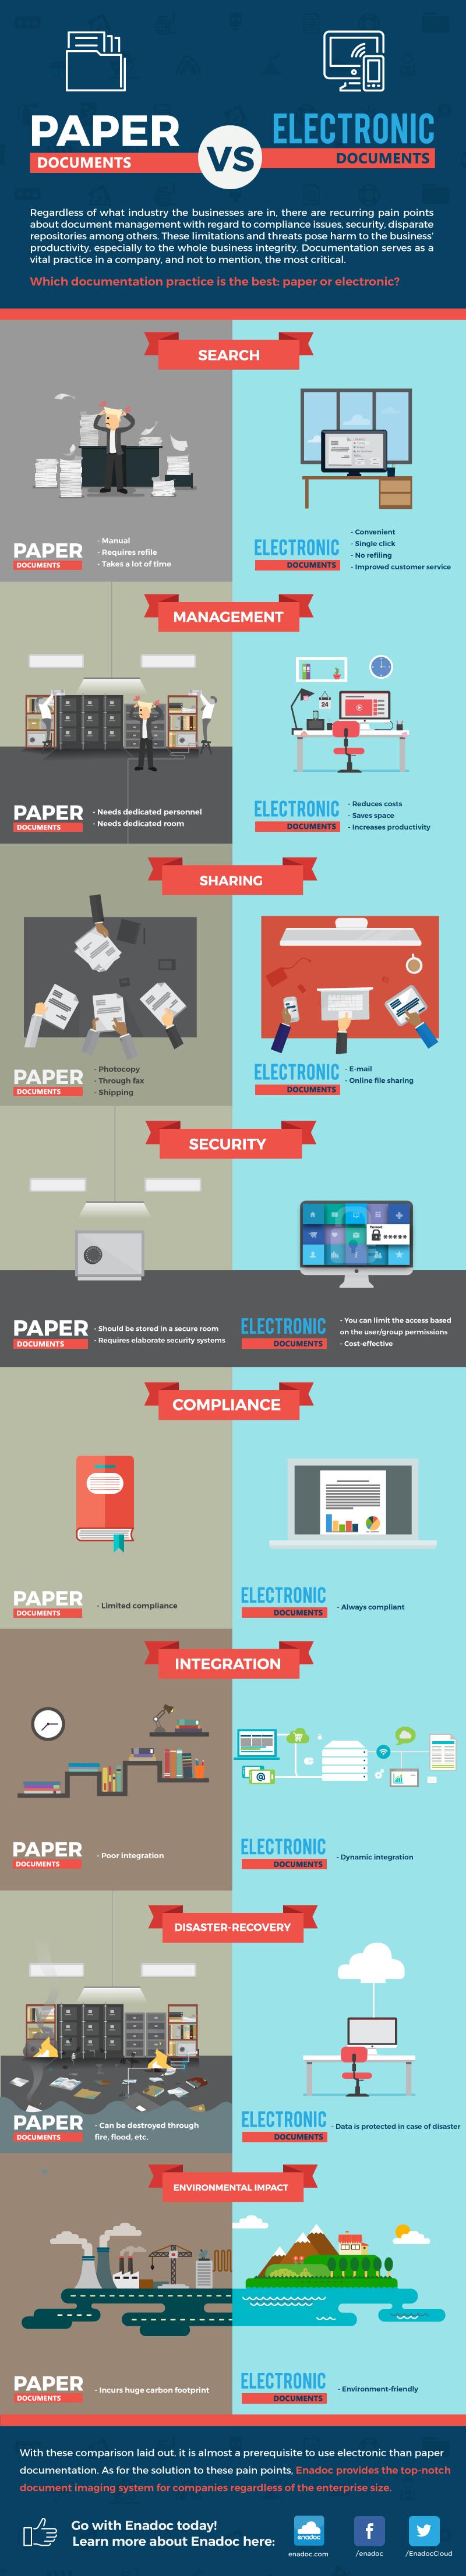 Zeus-Paper-vs-Electronic-Docs-Infographic